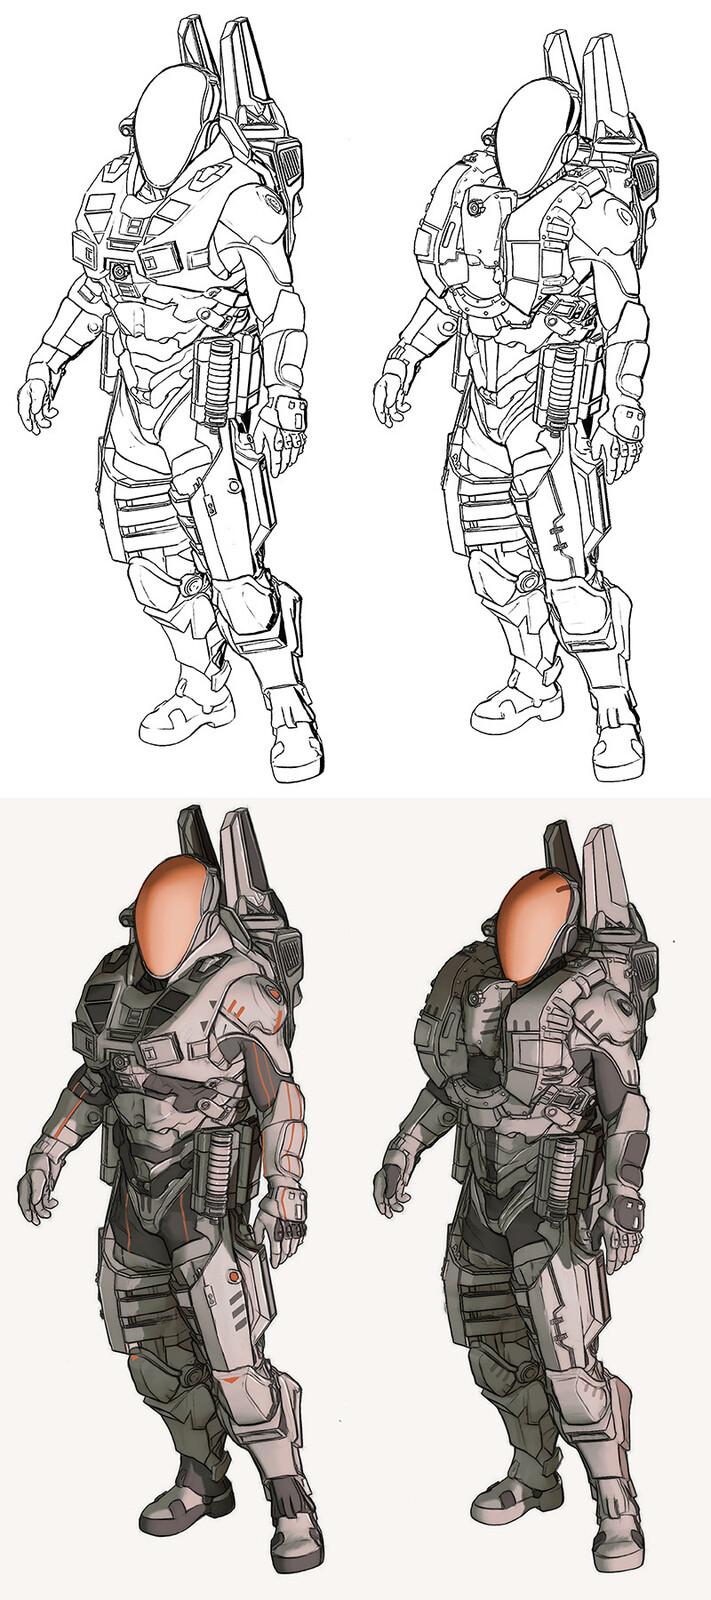 Scifi Suit Concept Art